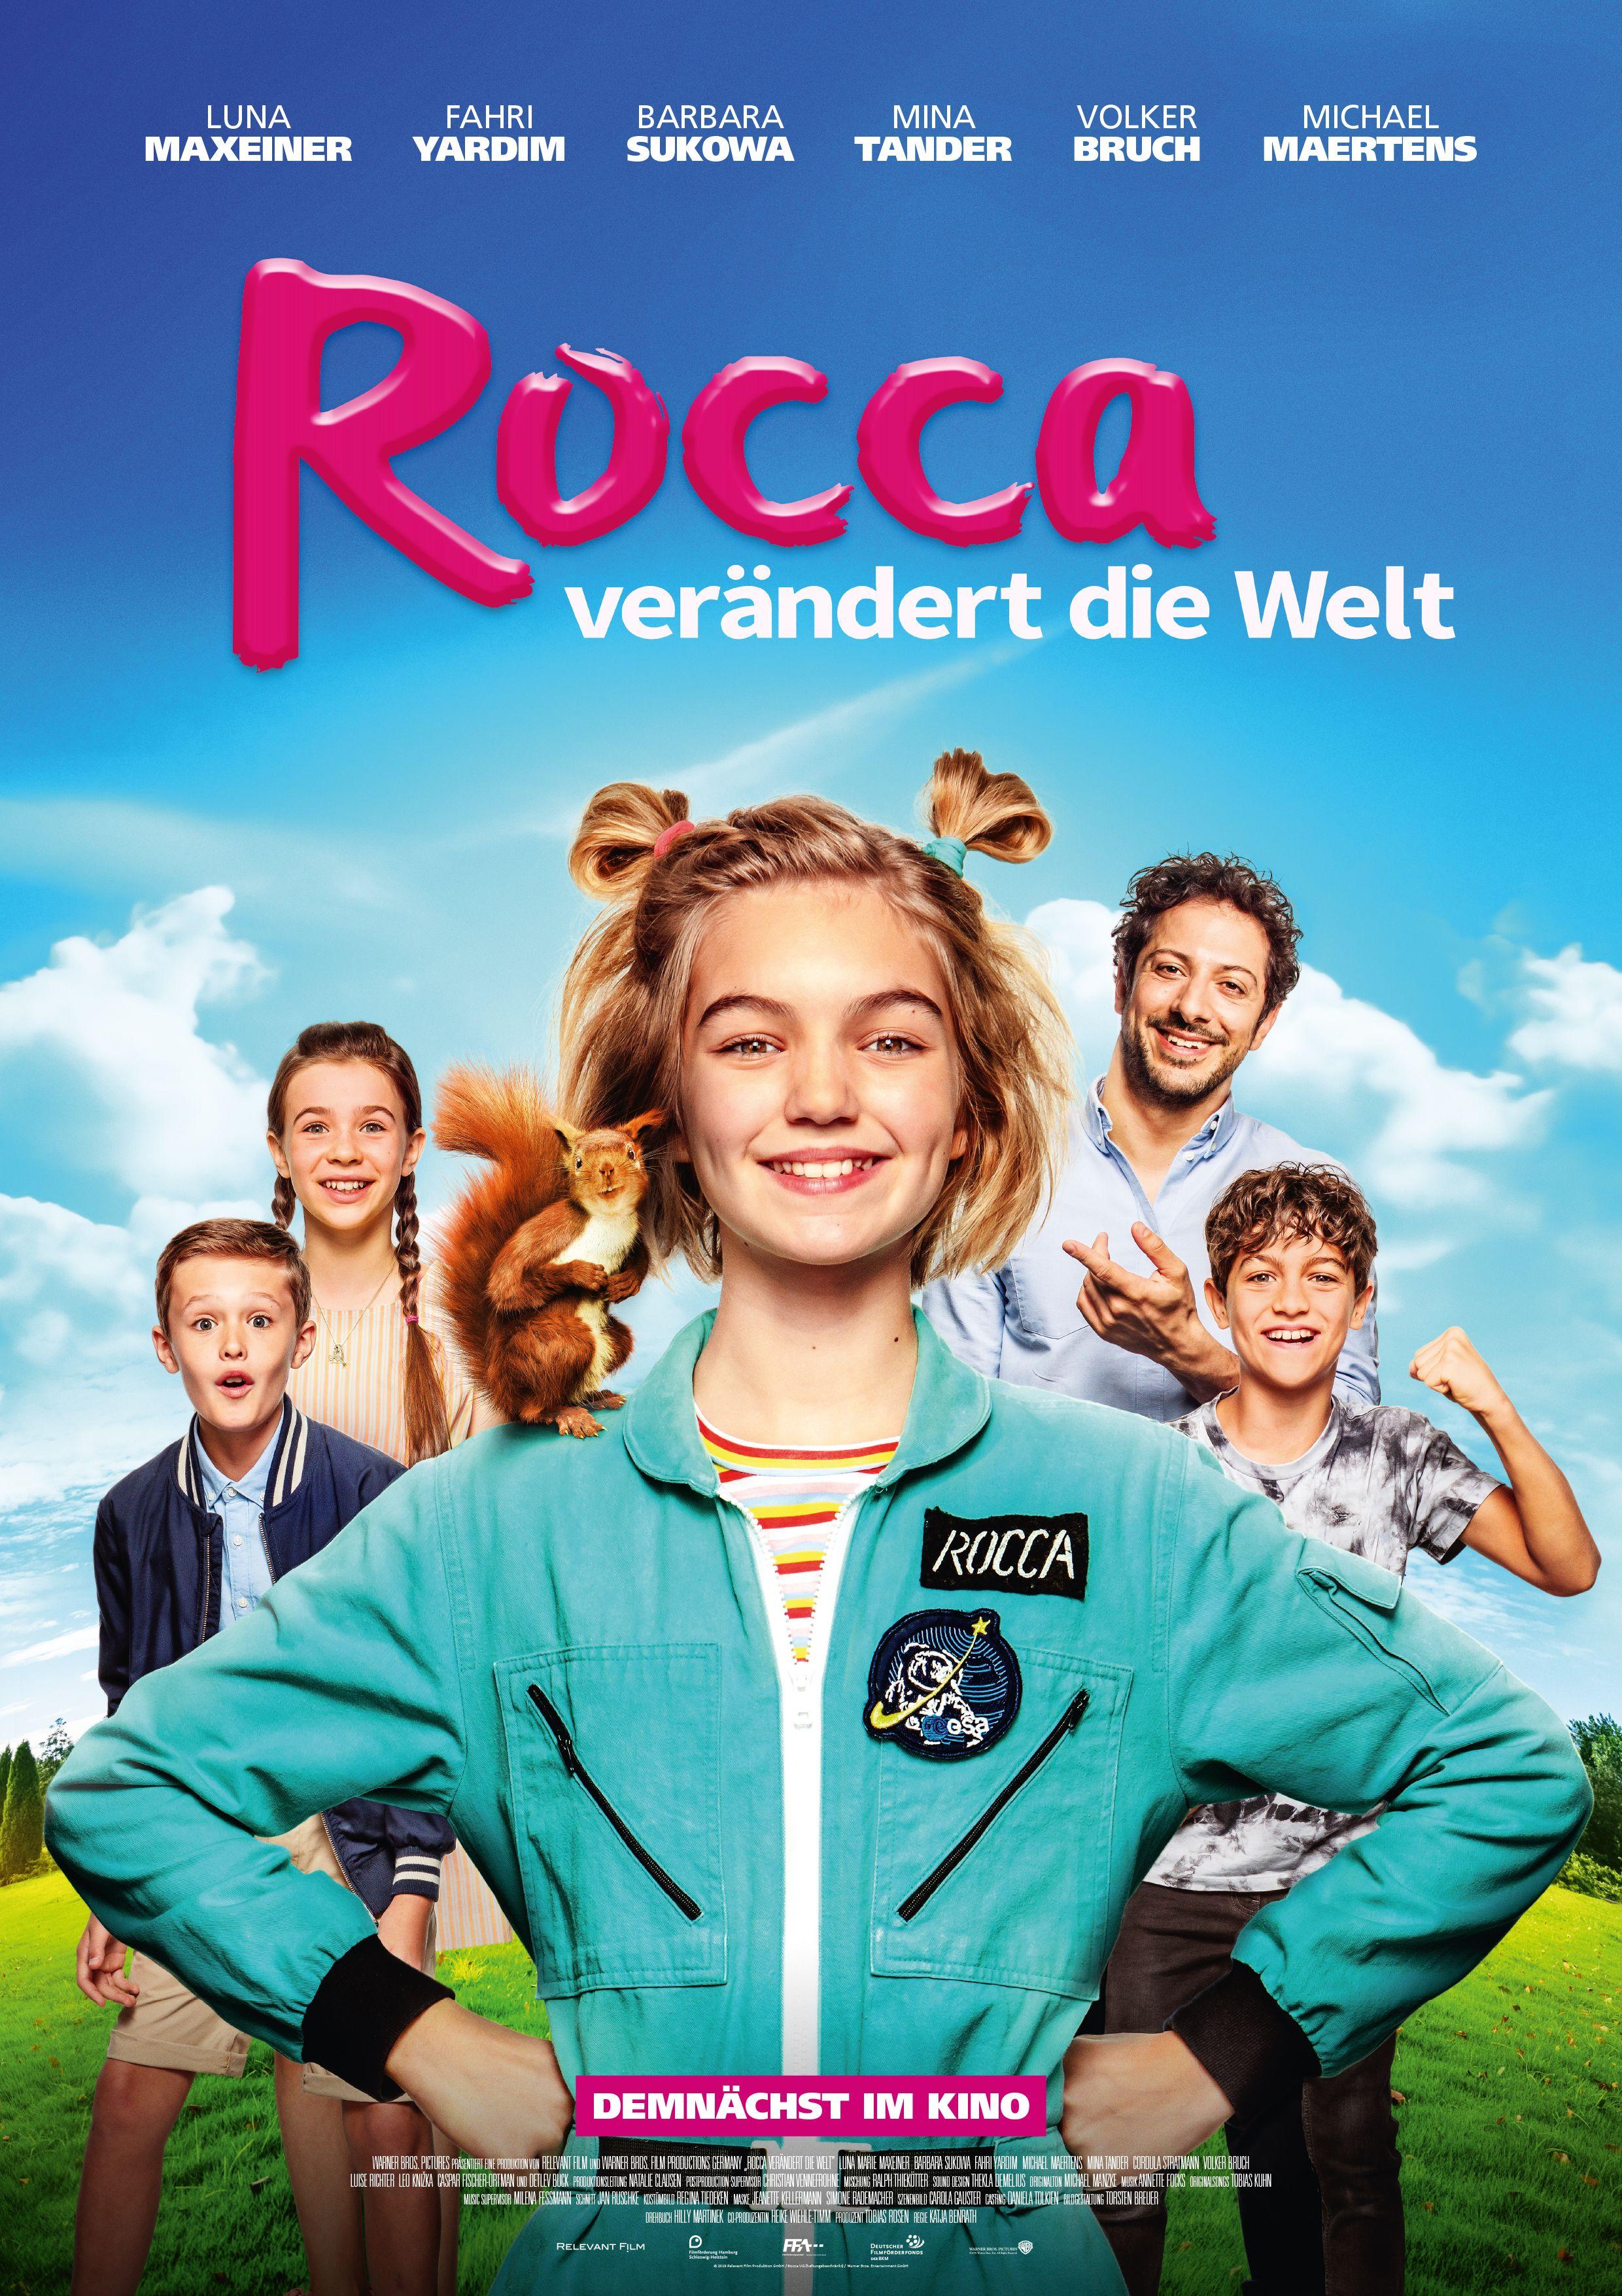 Brave Story Ganzer Film Deutsch